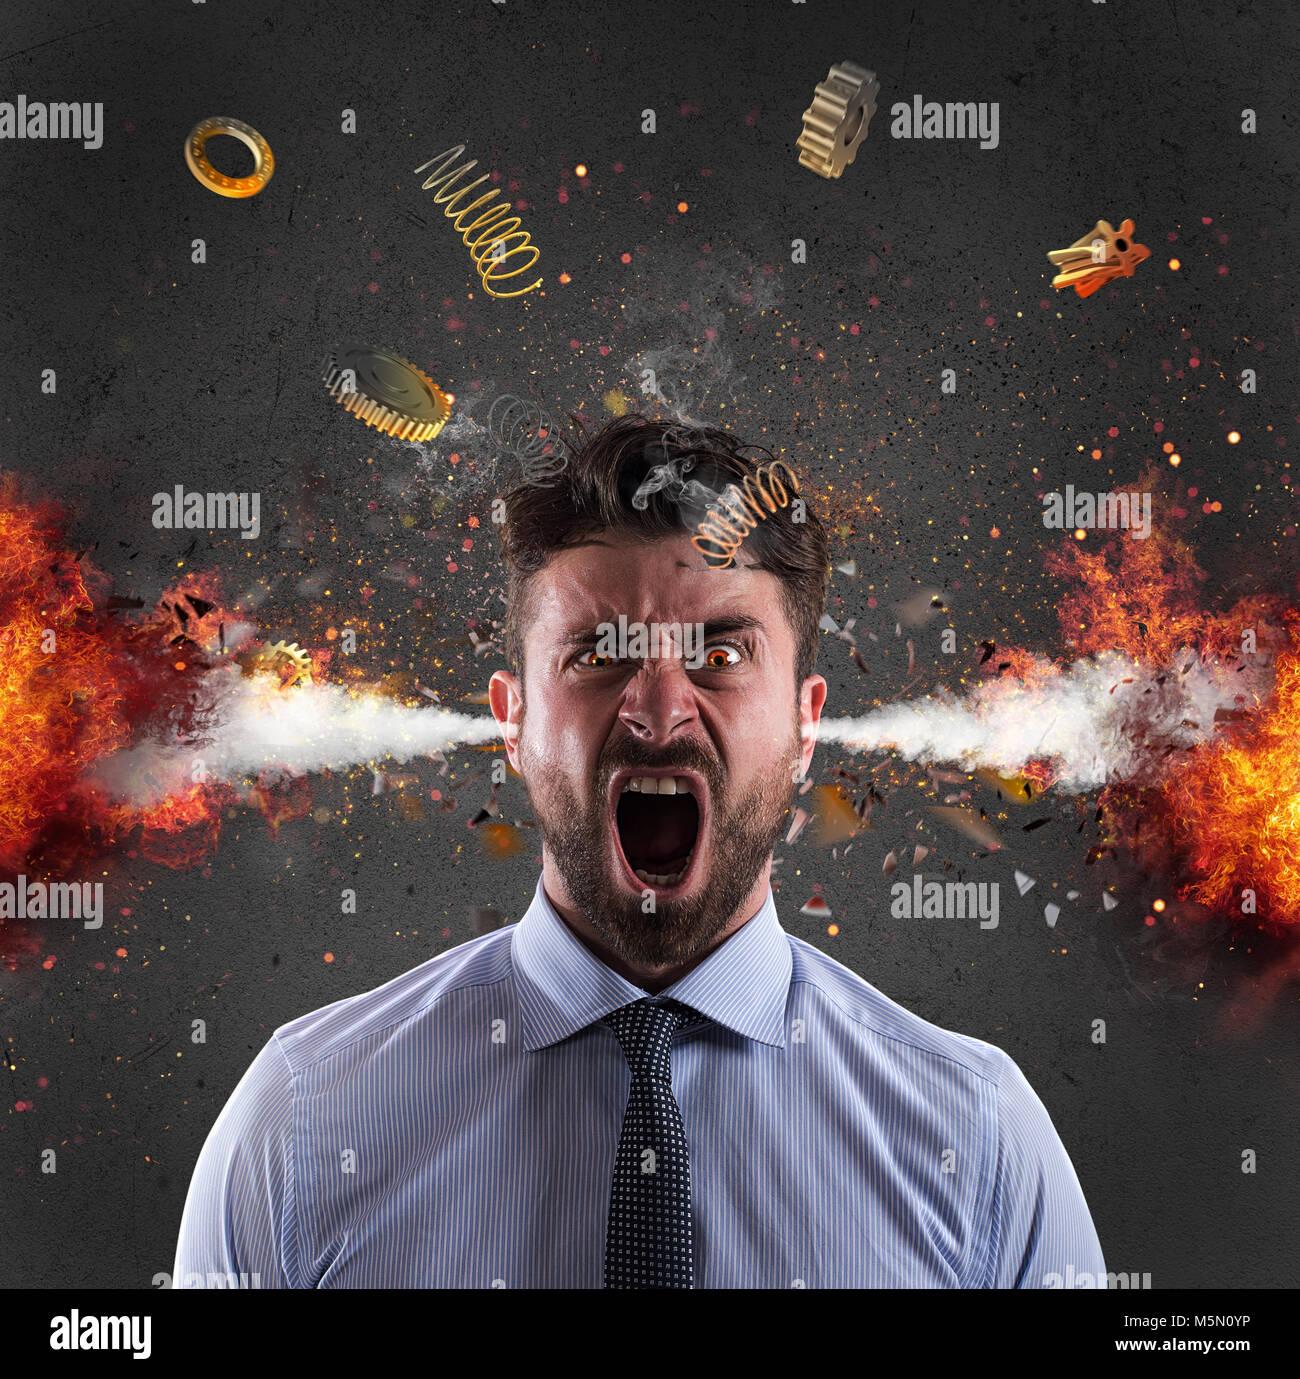 Esplosione di testa di un imprenditore. concetto di stress dovuto al sovraccarico di lavoro Immagini Stock